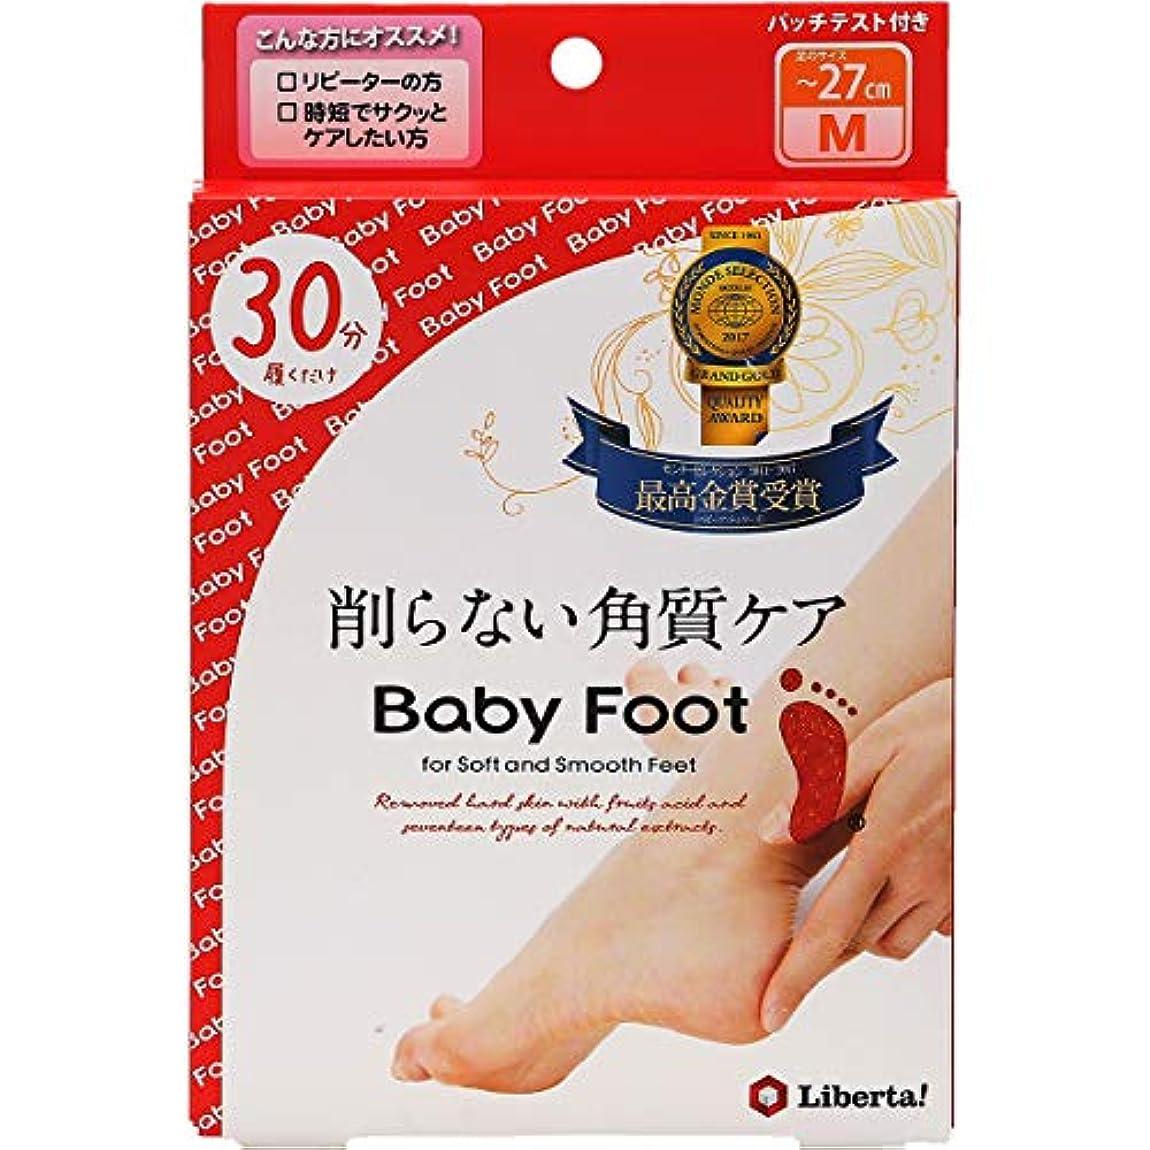 バーストクラシカル大量ベビーフット (Baby Foot) ベビーフット イージーパック30分タイプ Mサイズ 単品